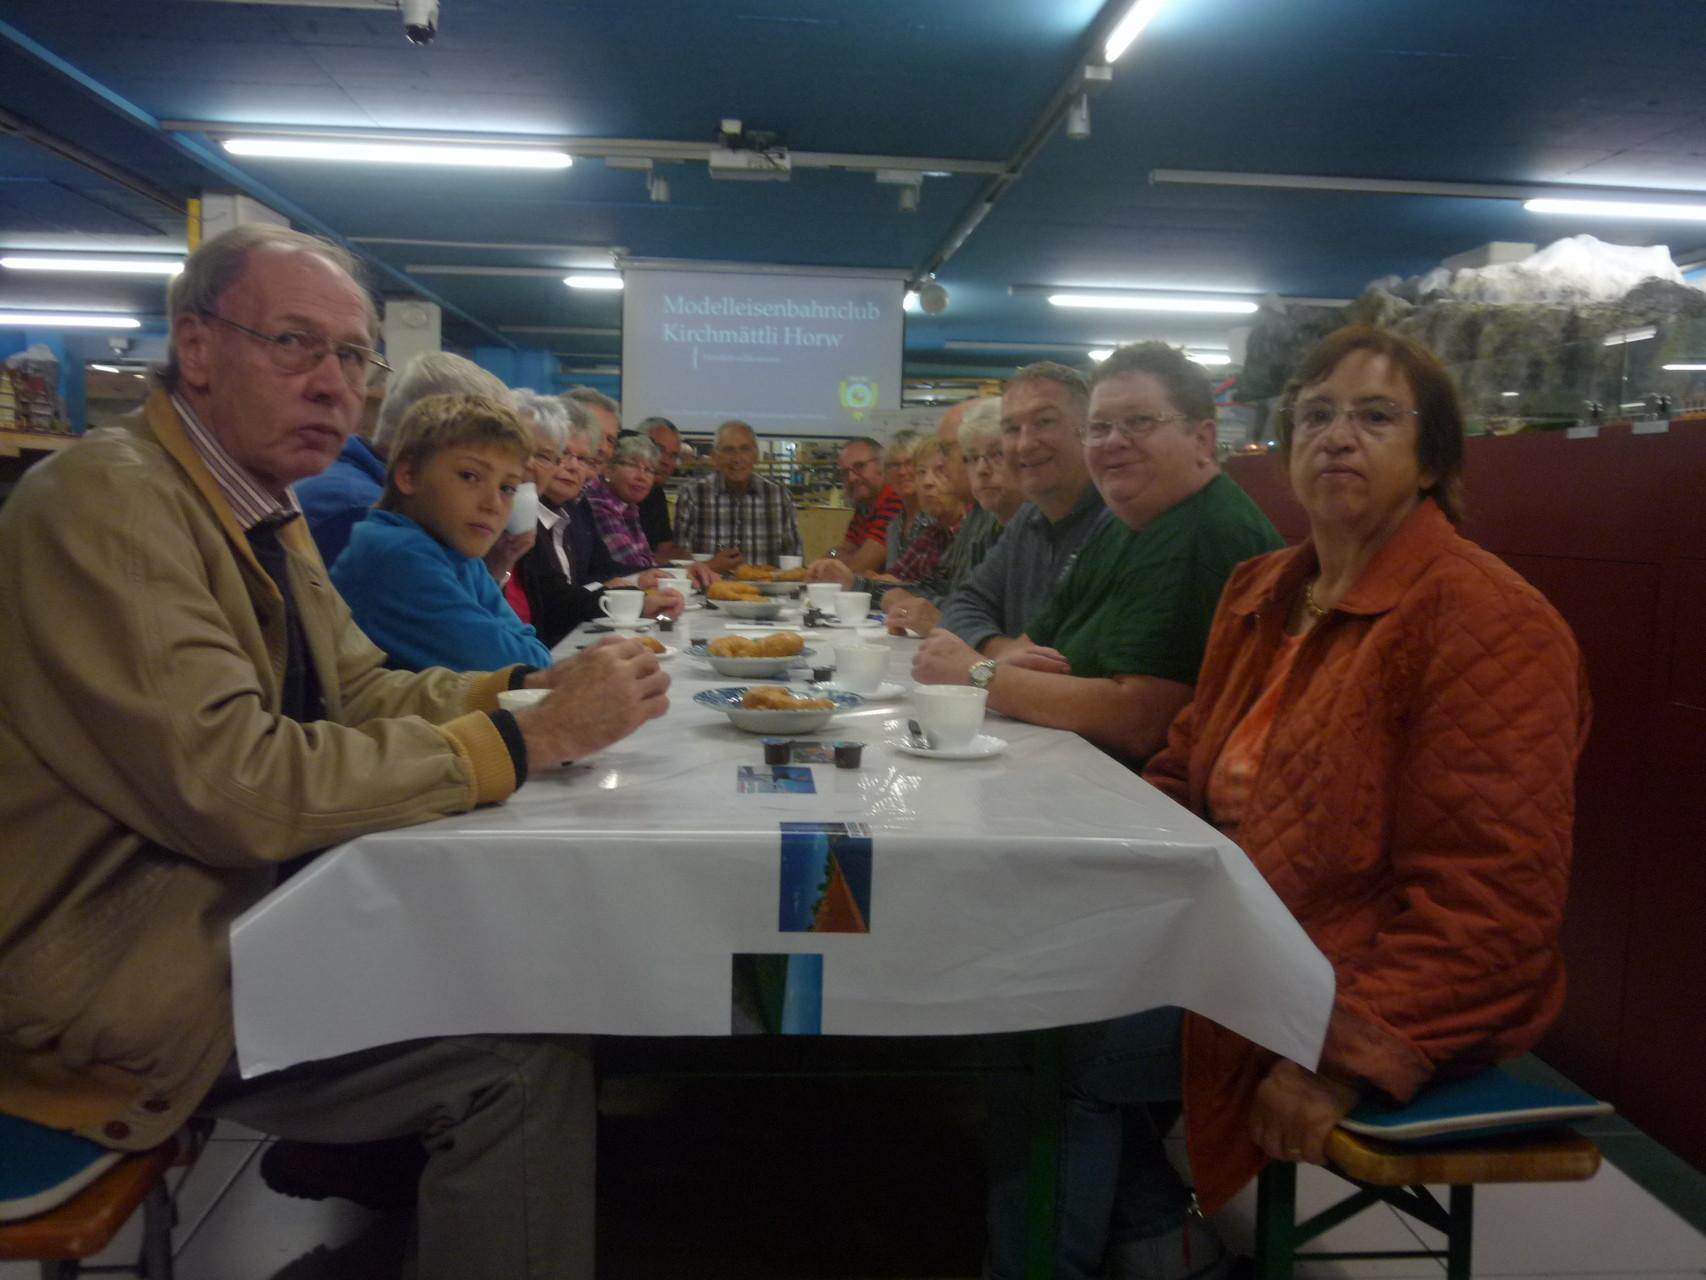 19.9.2015 - Sportfischerclub Arlesheim, Org. Alfred Moutttet